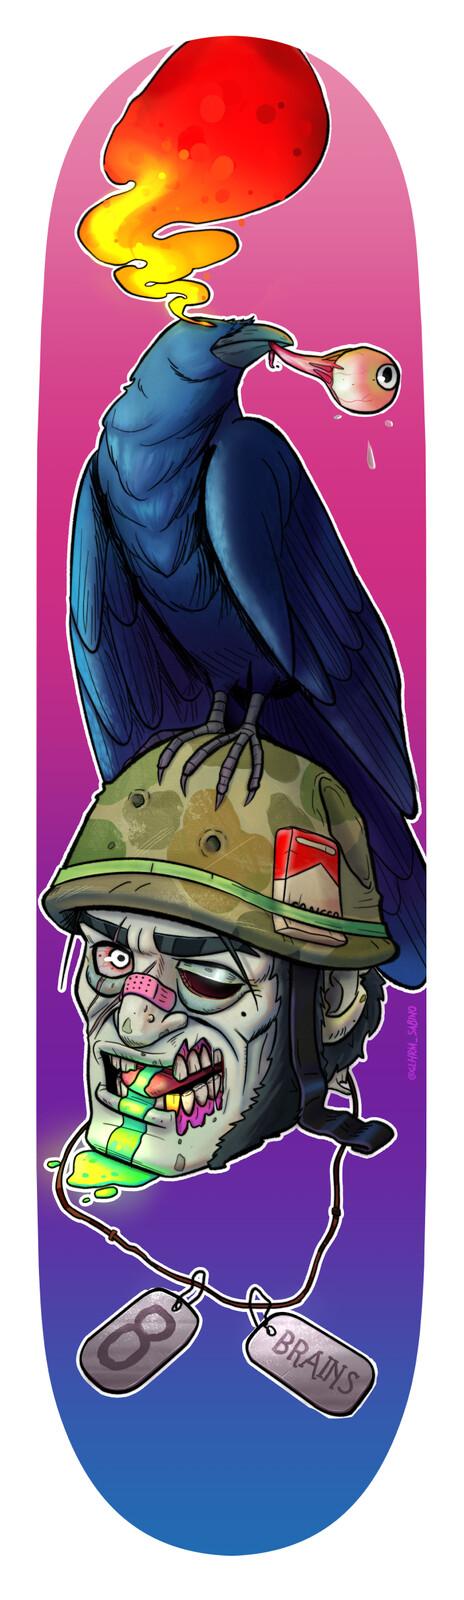 Bigass Crow on zombie's head